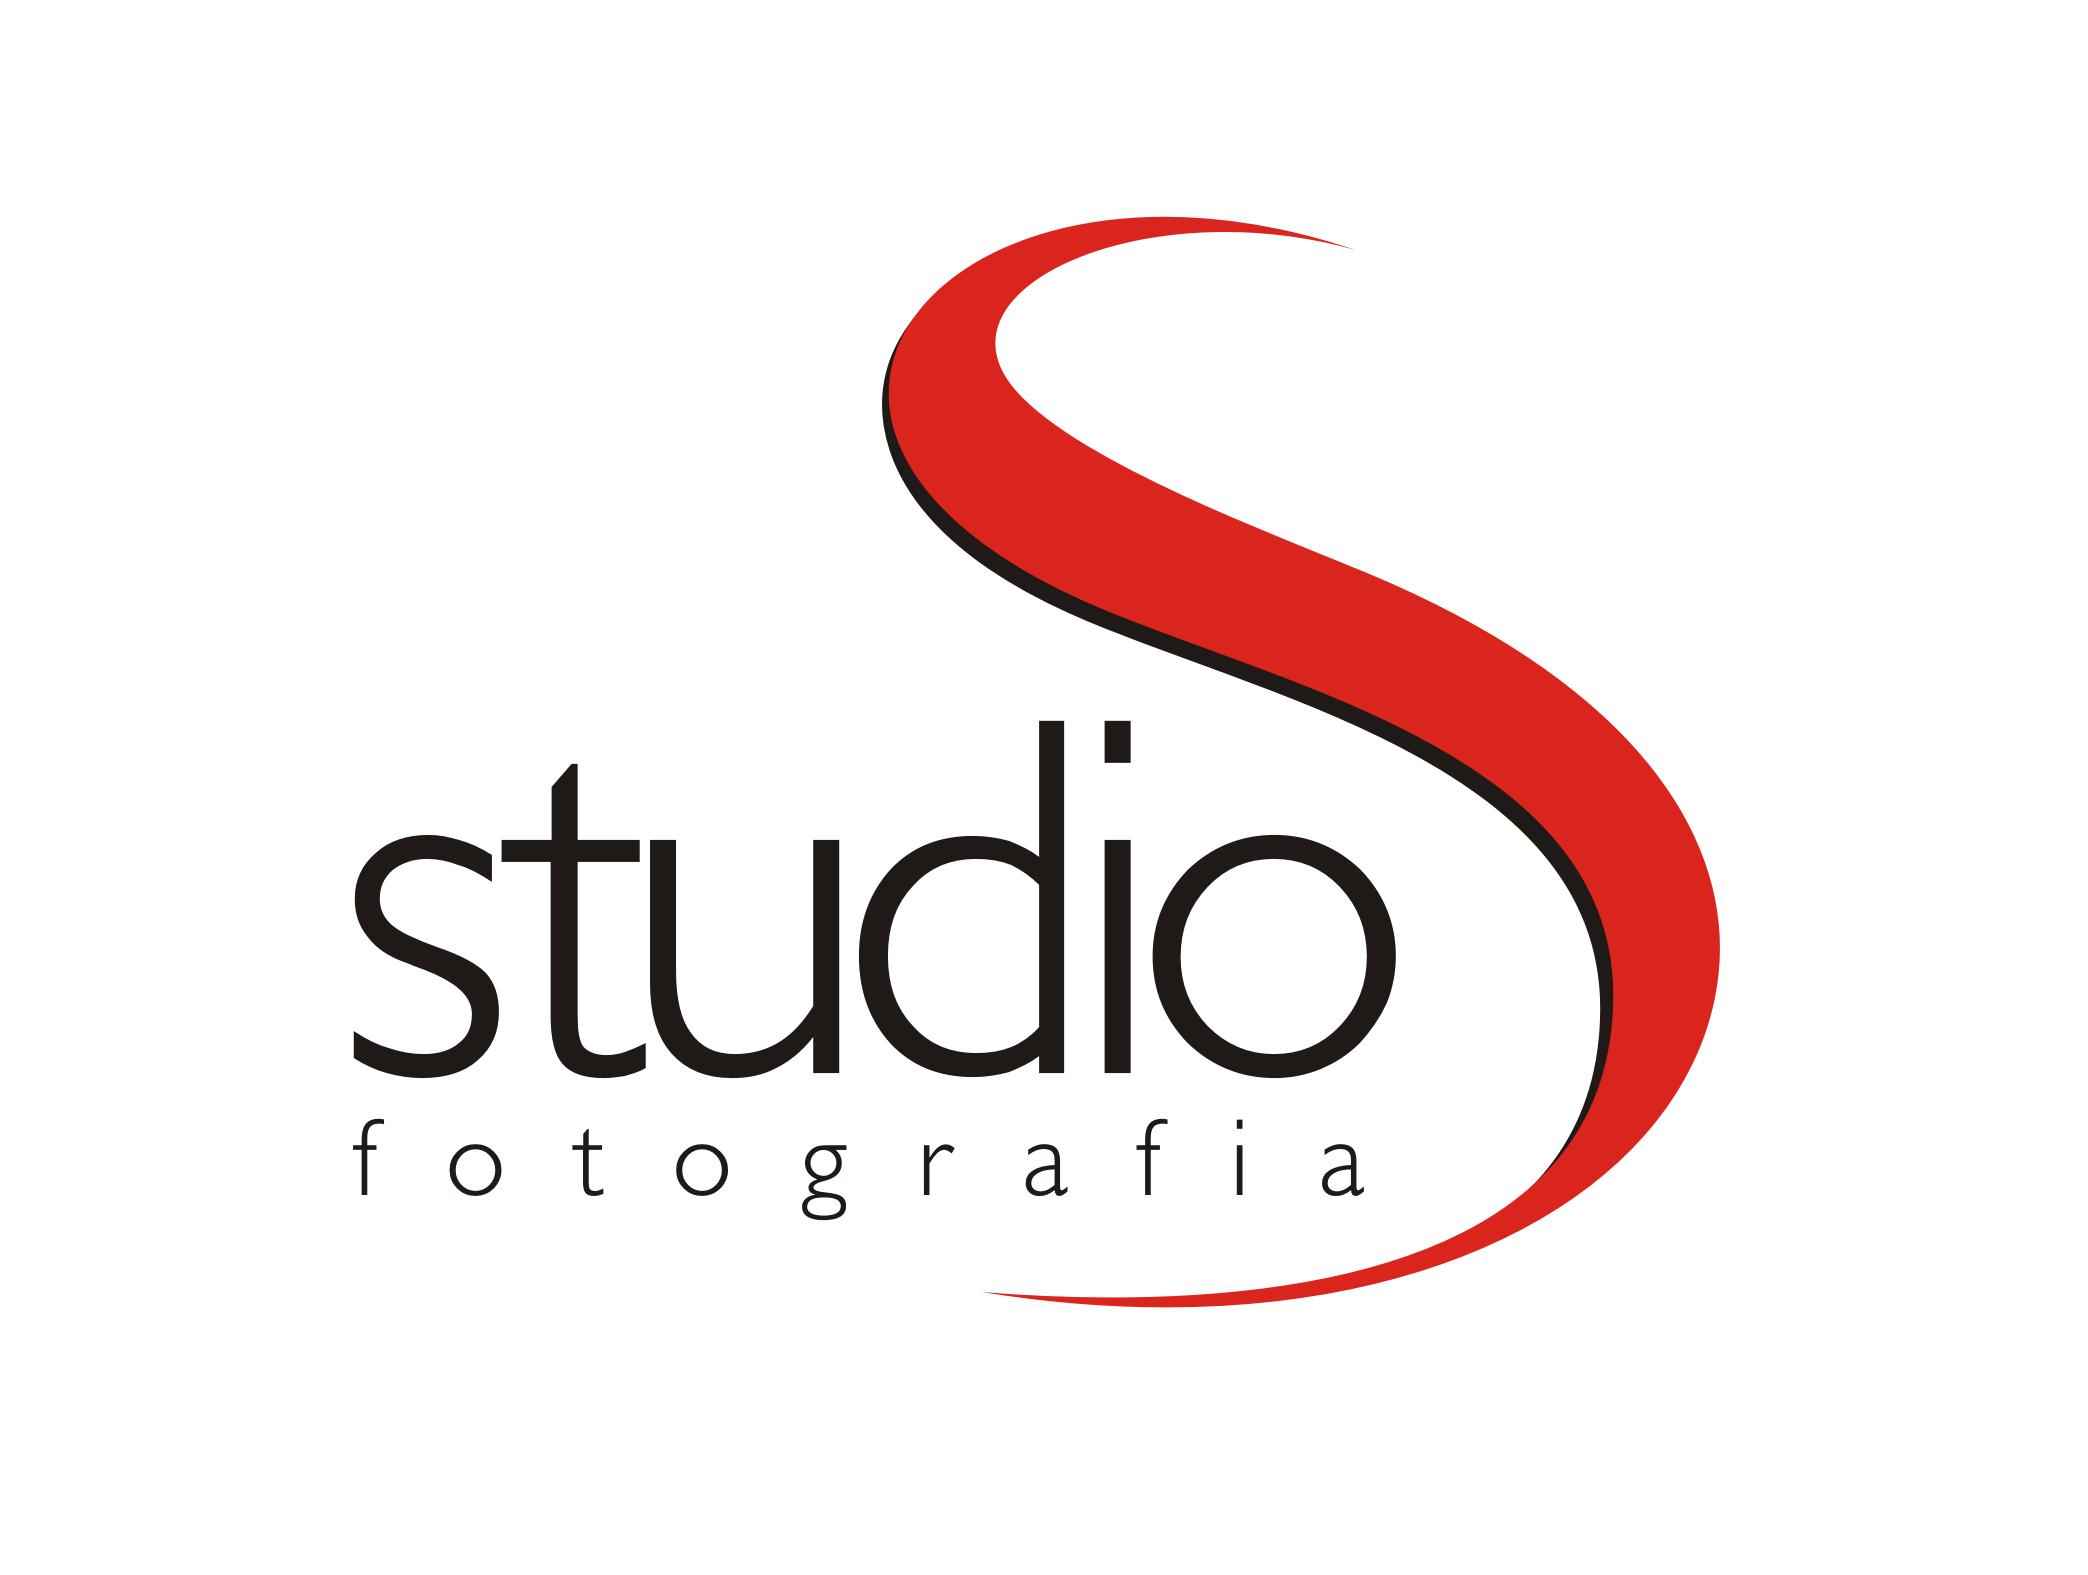 Contate Studio S Fotografia - Fotógrafos de casamento e ensaios Uberlândia e Araxá - MG